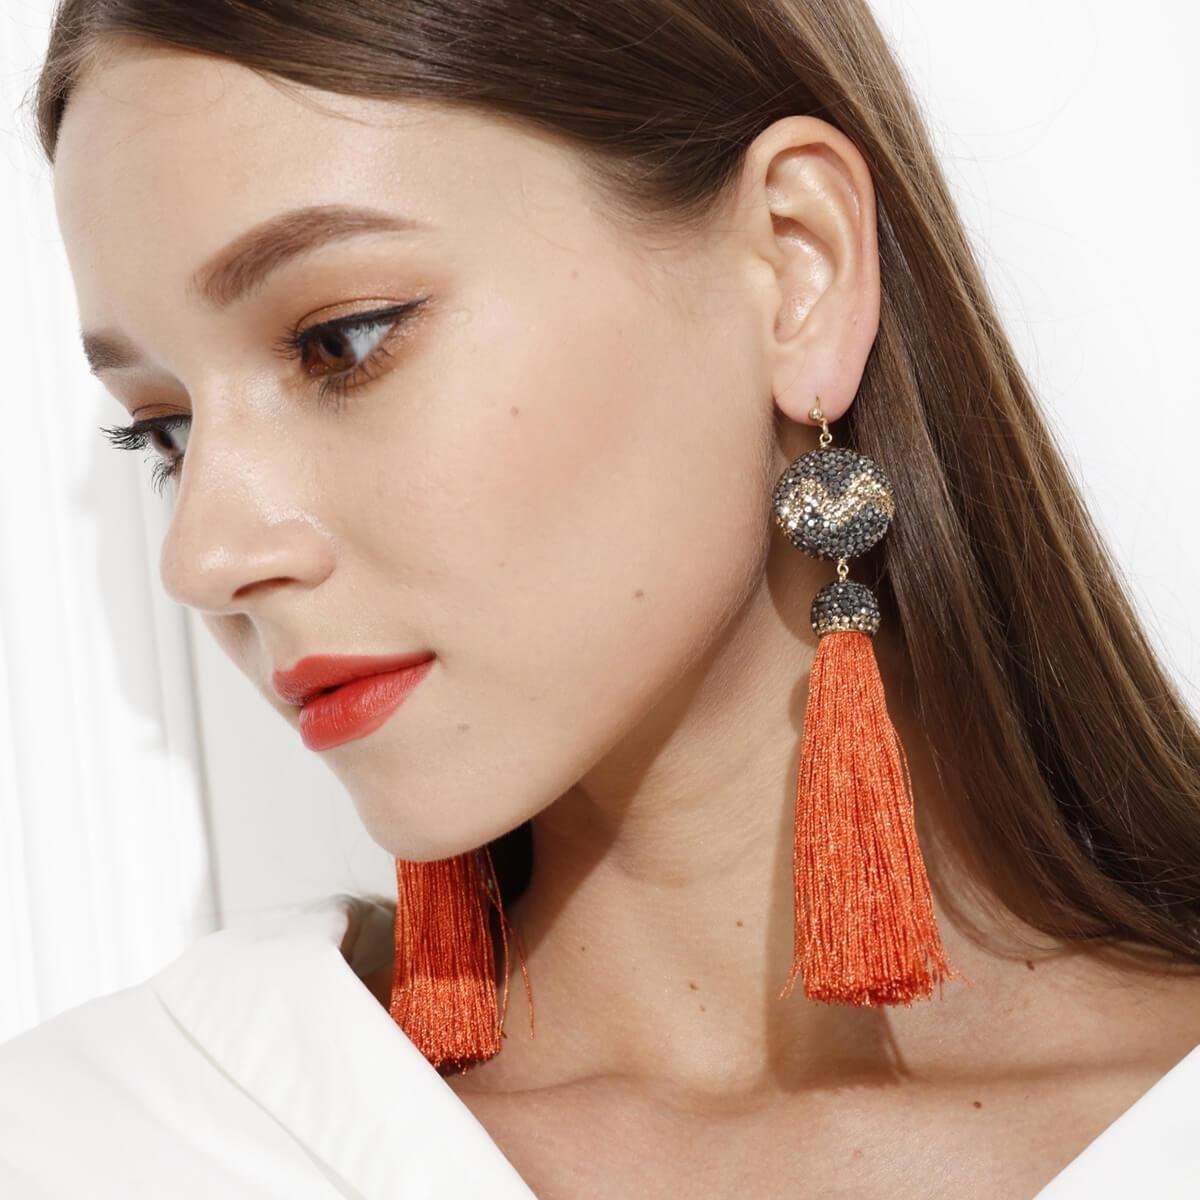 Rhinestone Earrings With Red Tassel